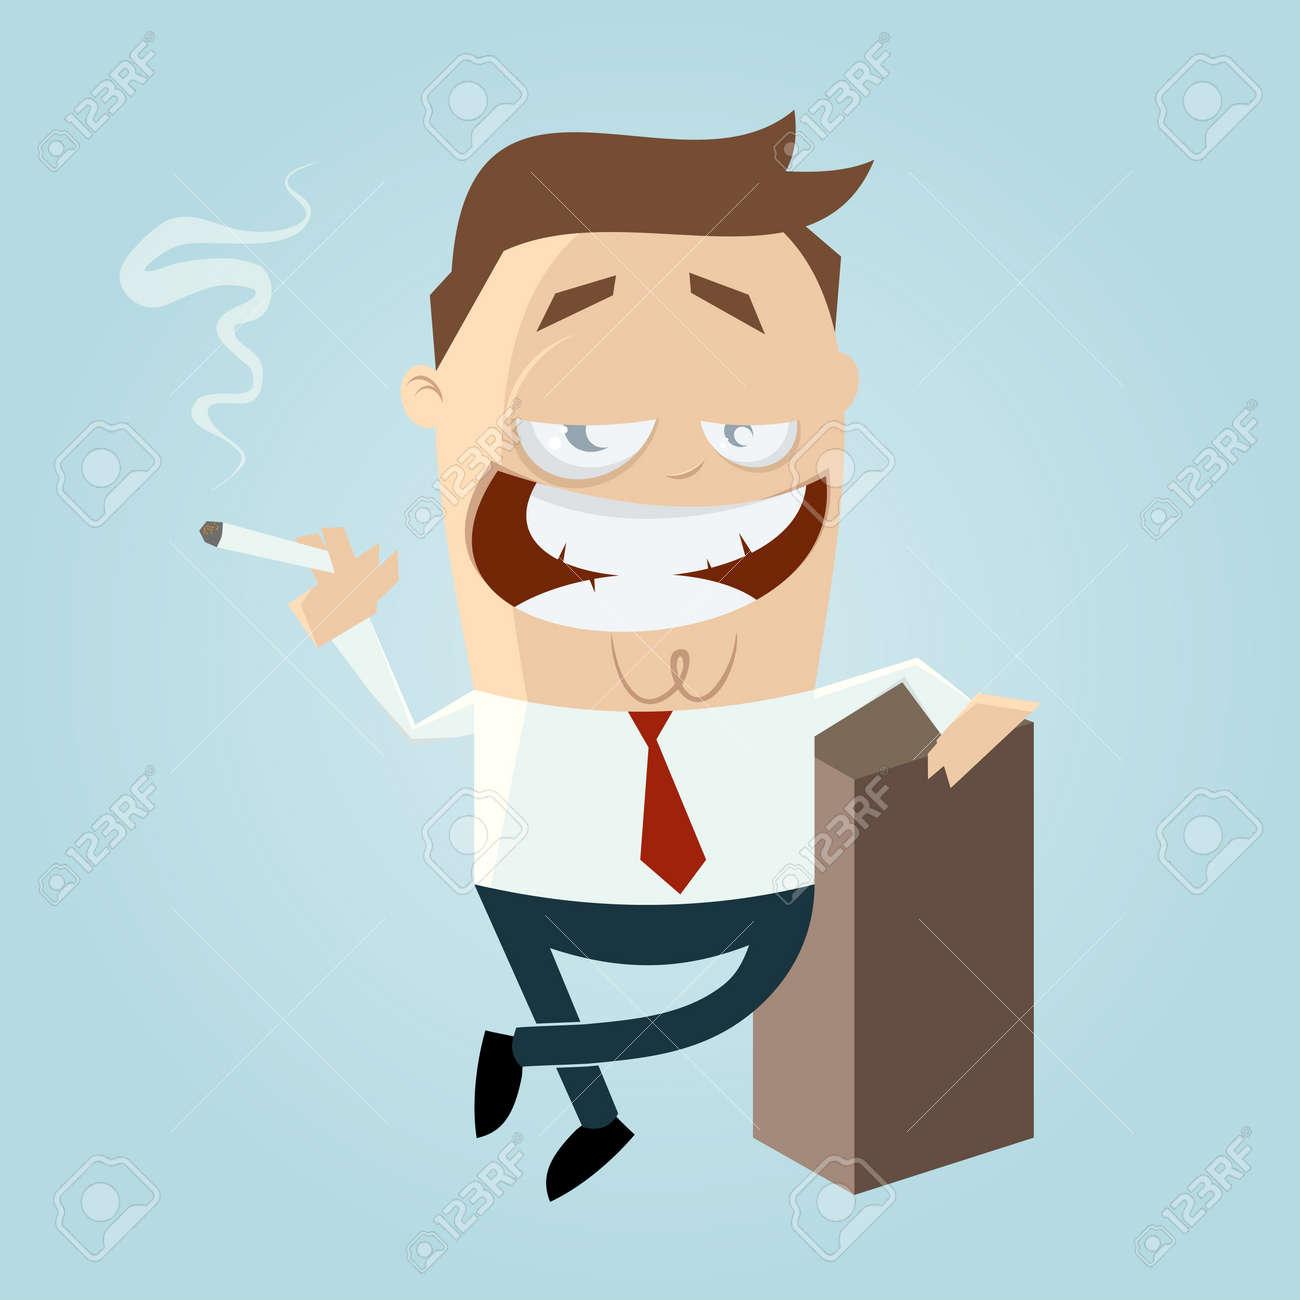 Cartoon-Mann ist das Rauchen Standard-Bild - 21645979